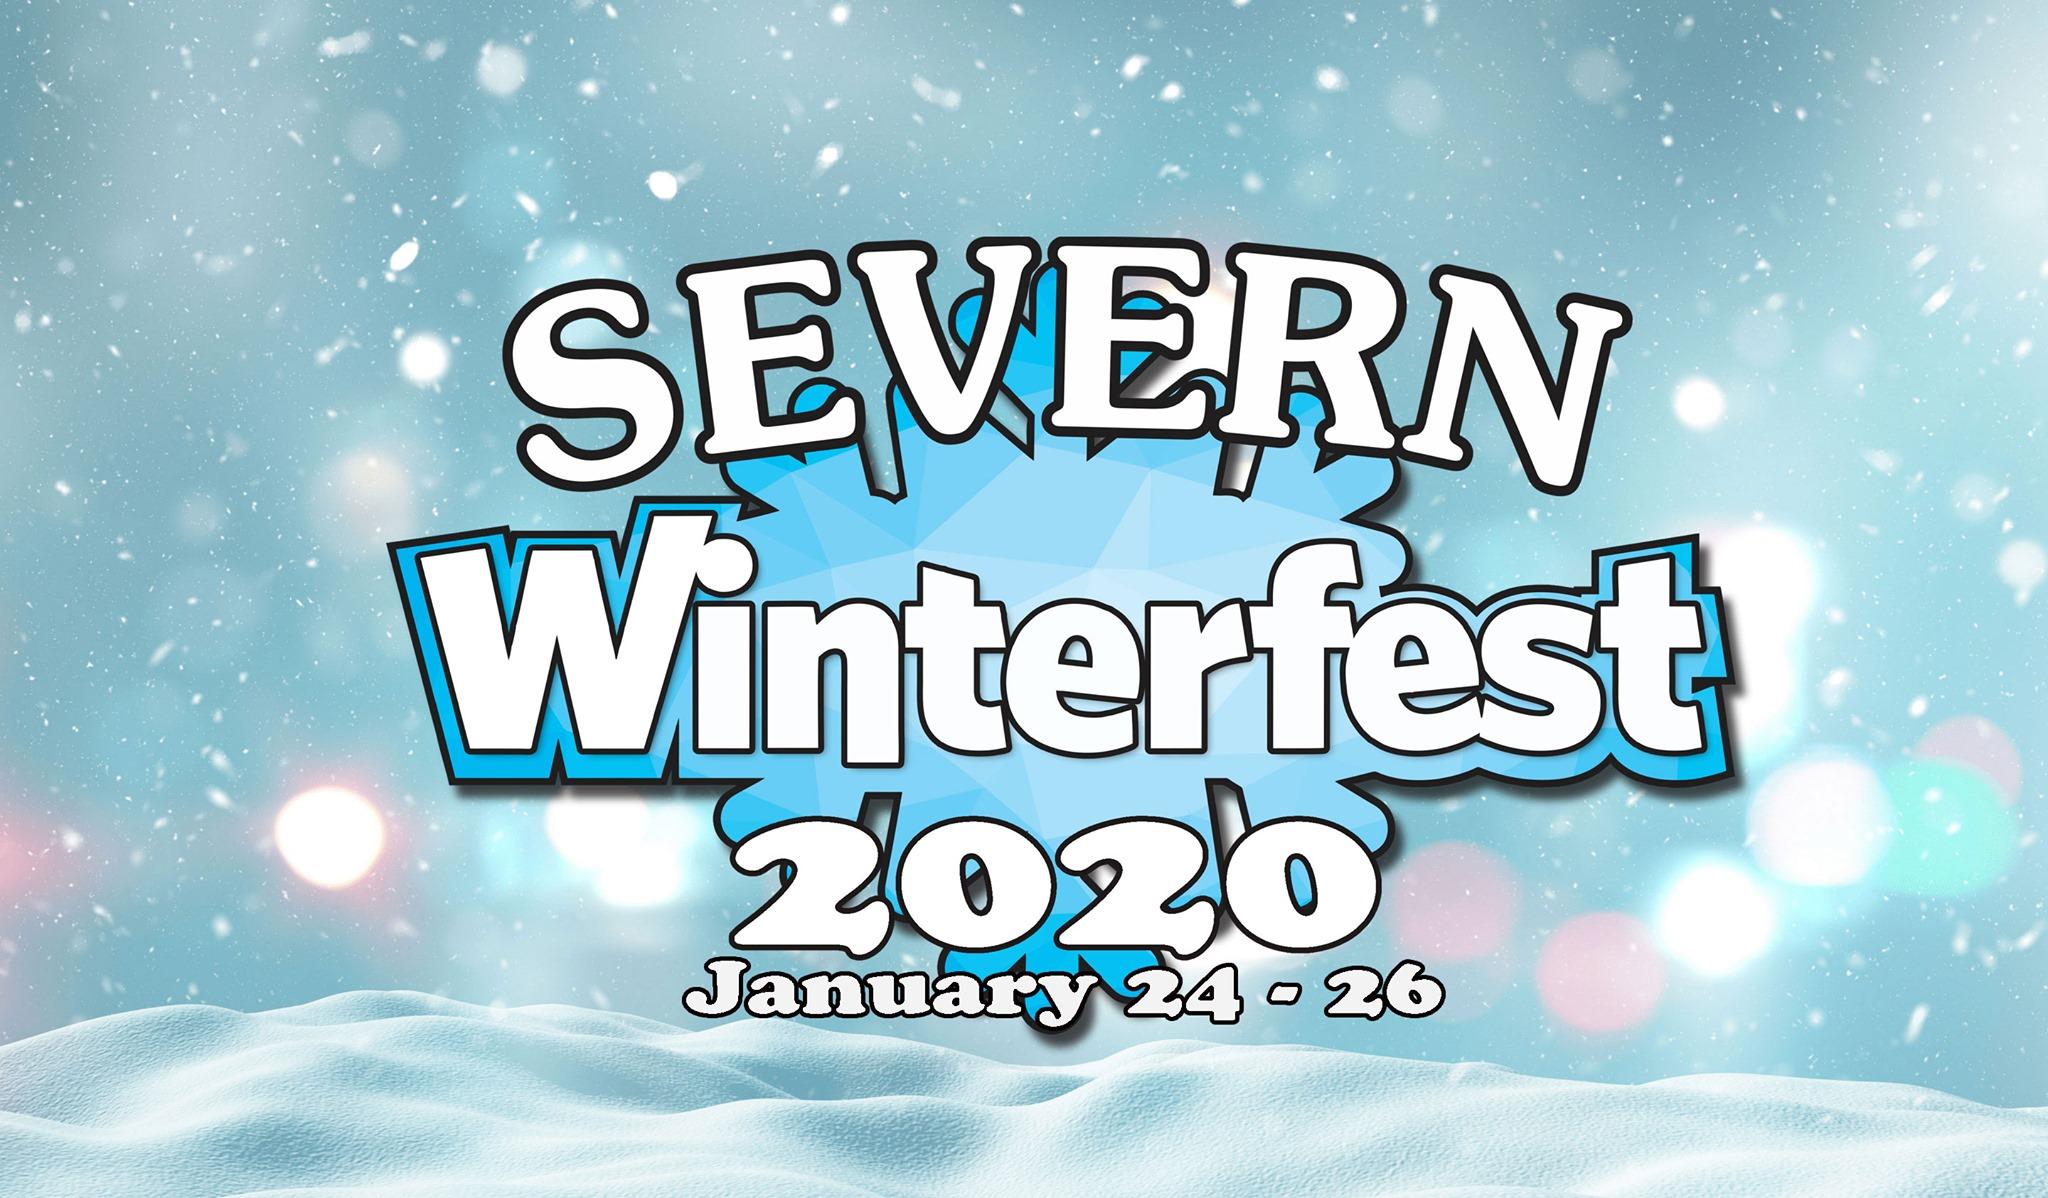 Severn WinterFest - SEVERN WINTERFEST 2020